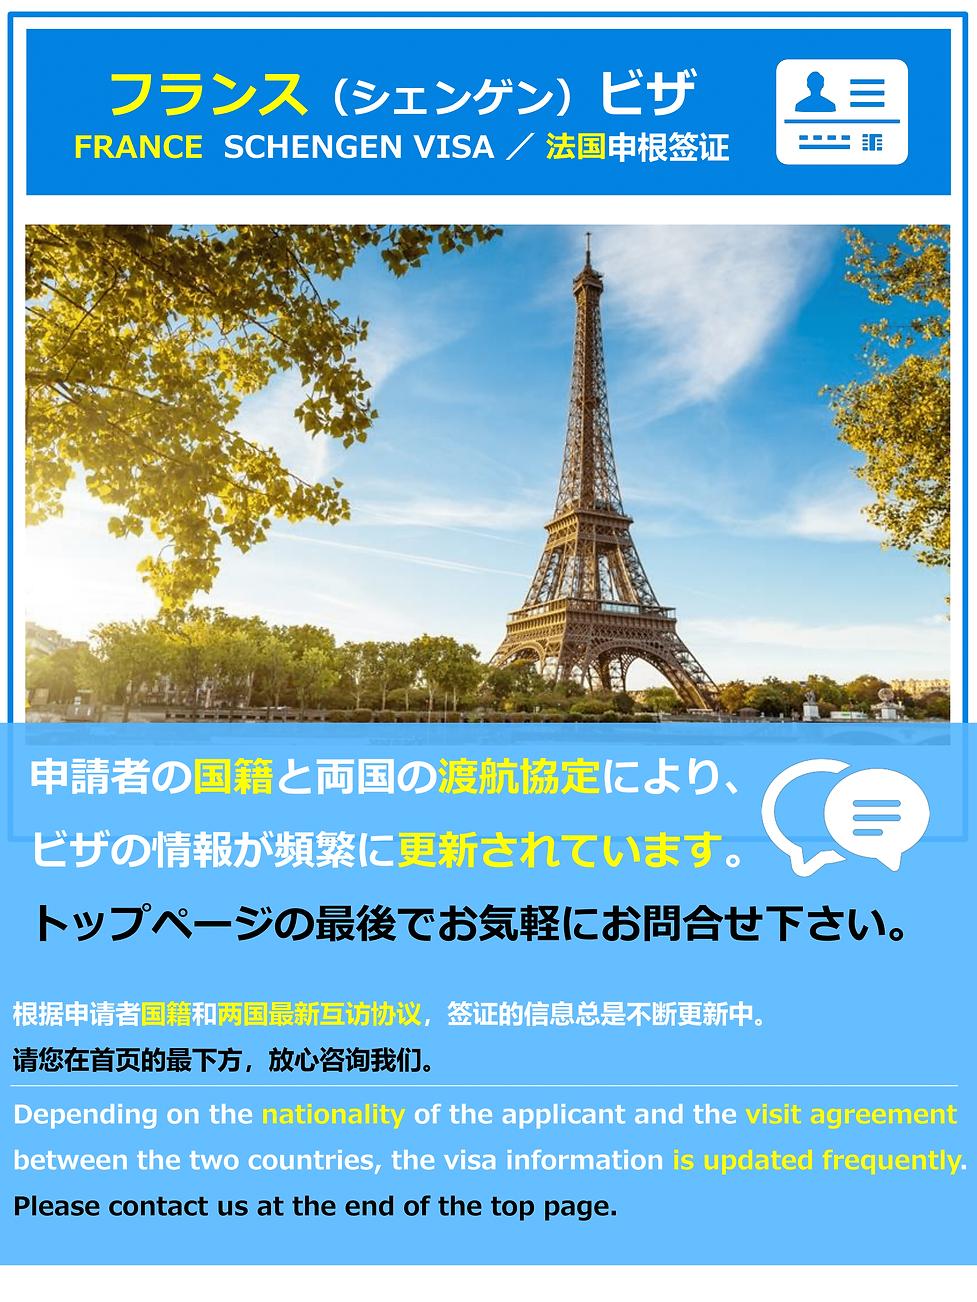 中国人 フランス シェンゲン ビザ 申請 代行